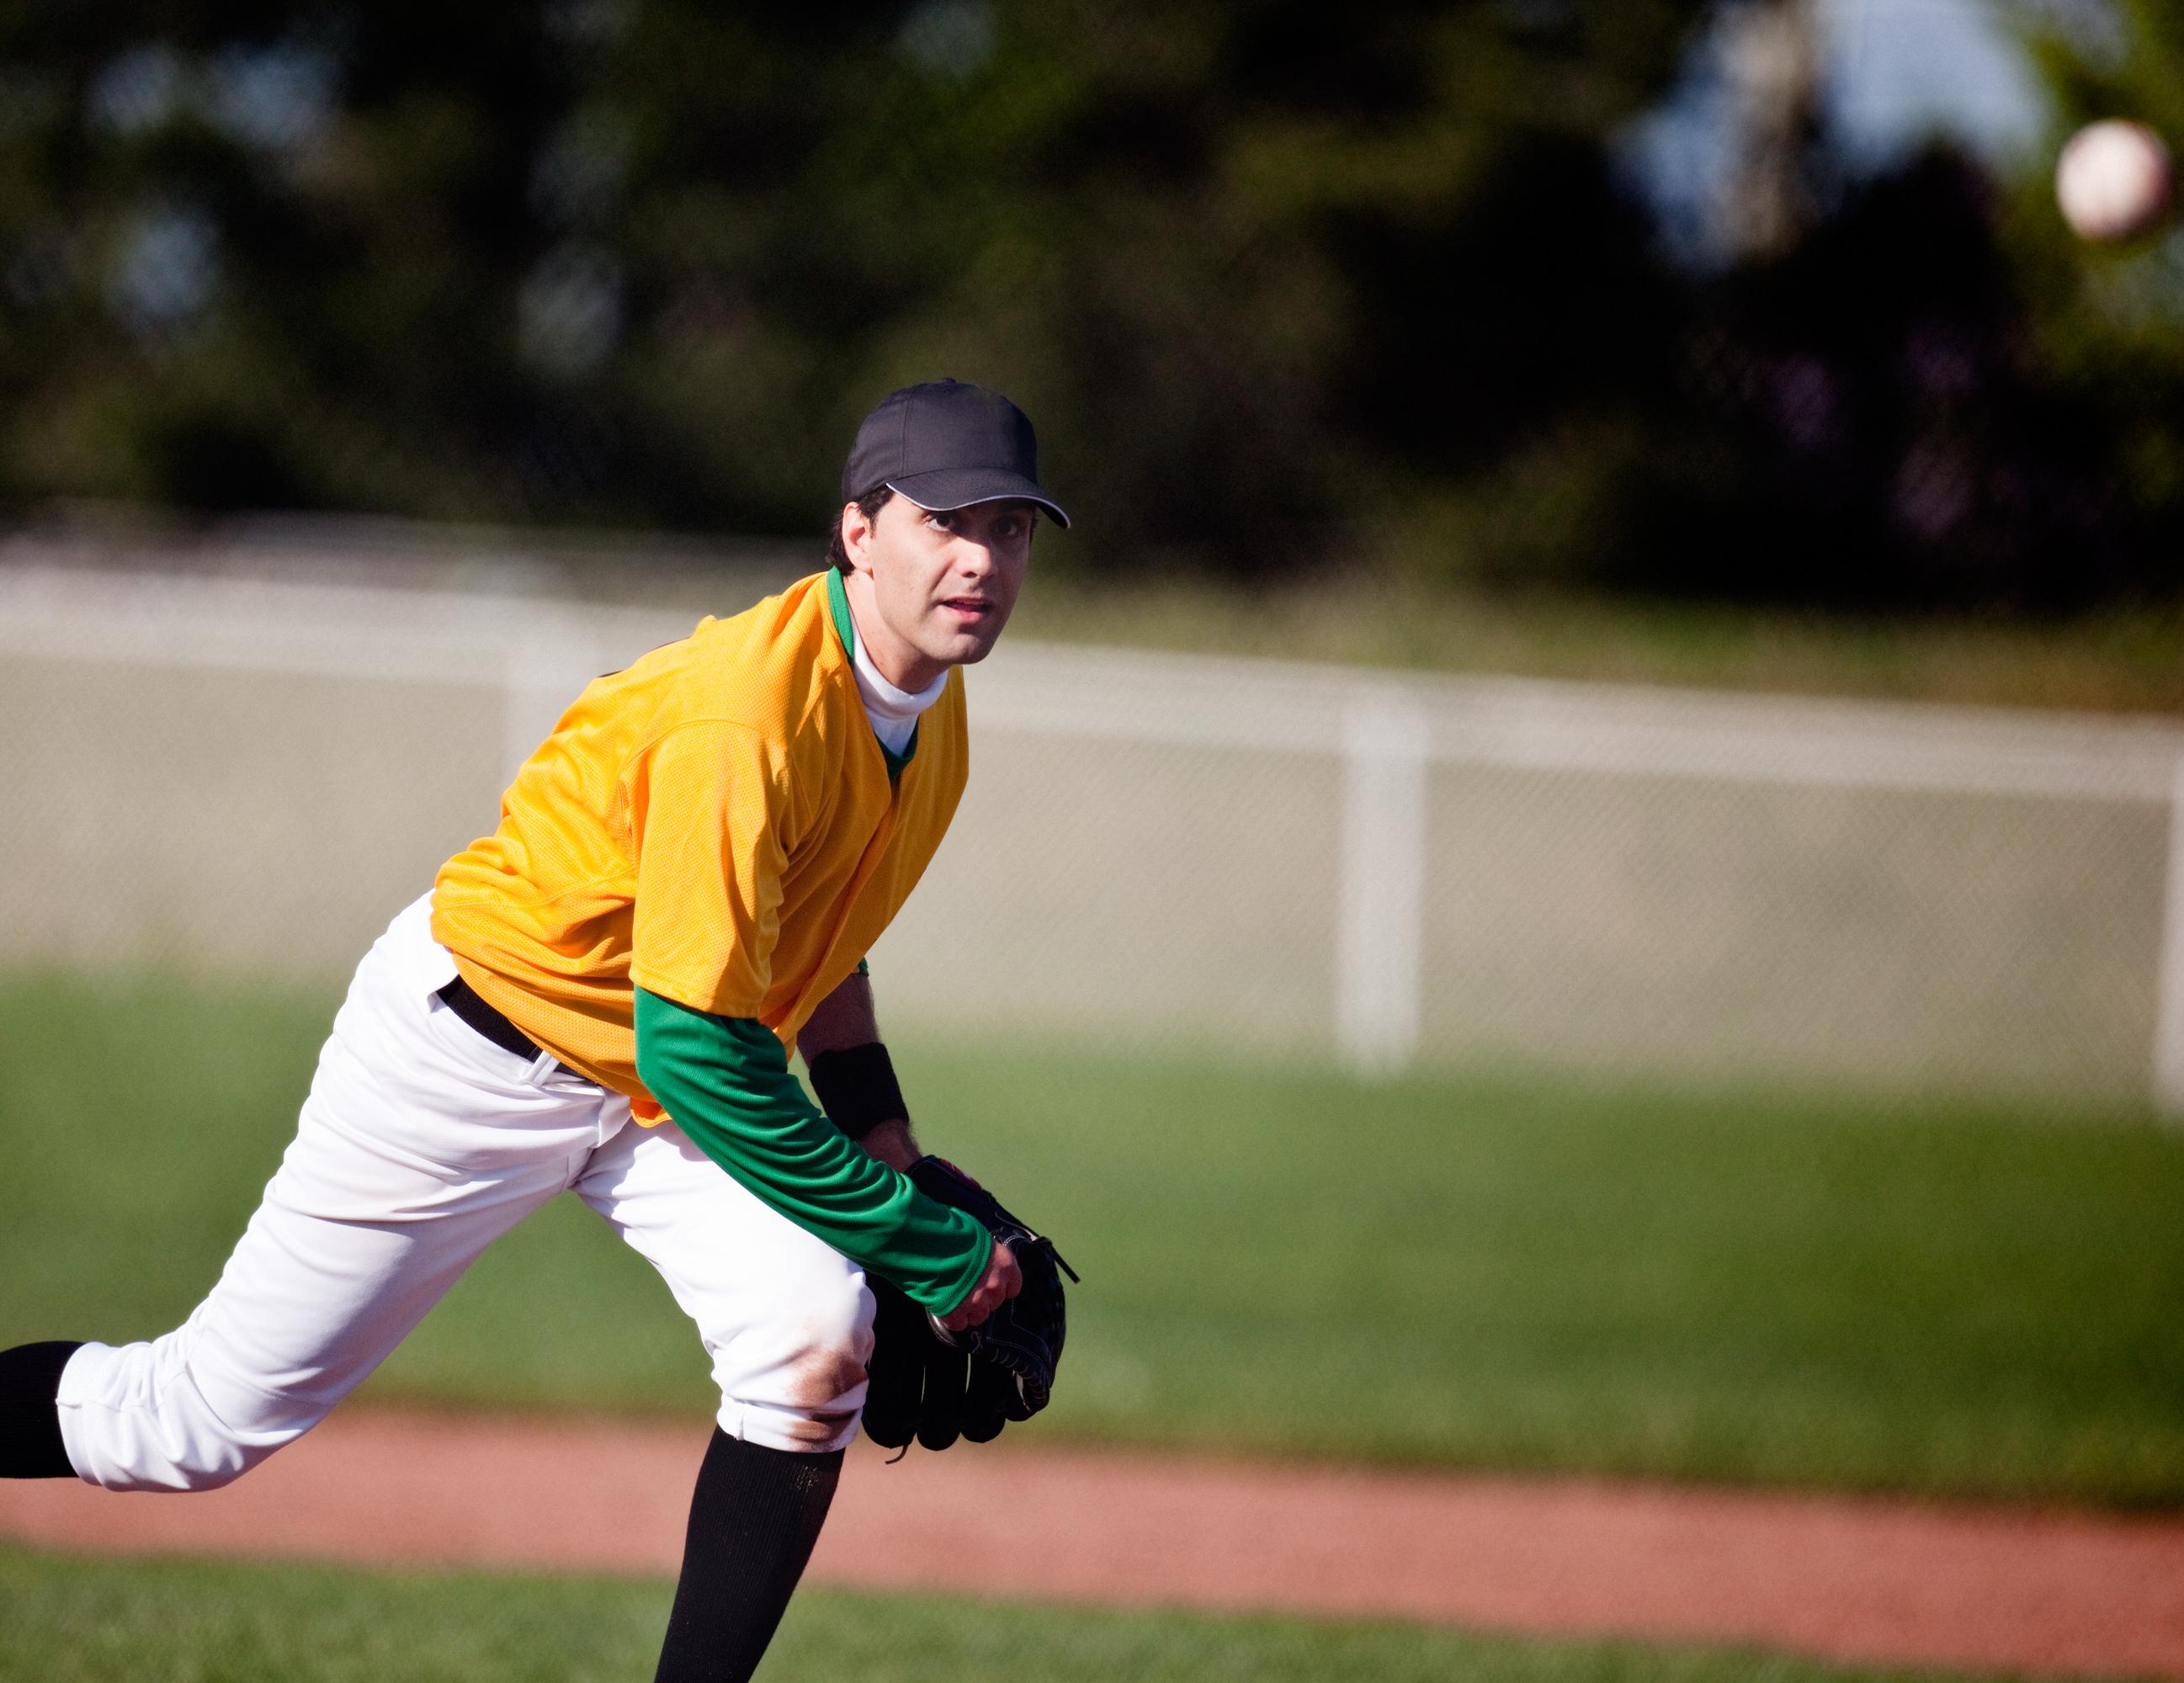 Left Handed Batter Vs  a Right Handed Pitcher